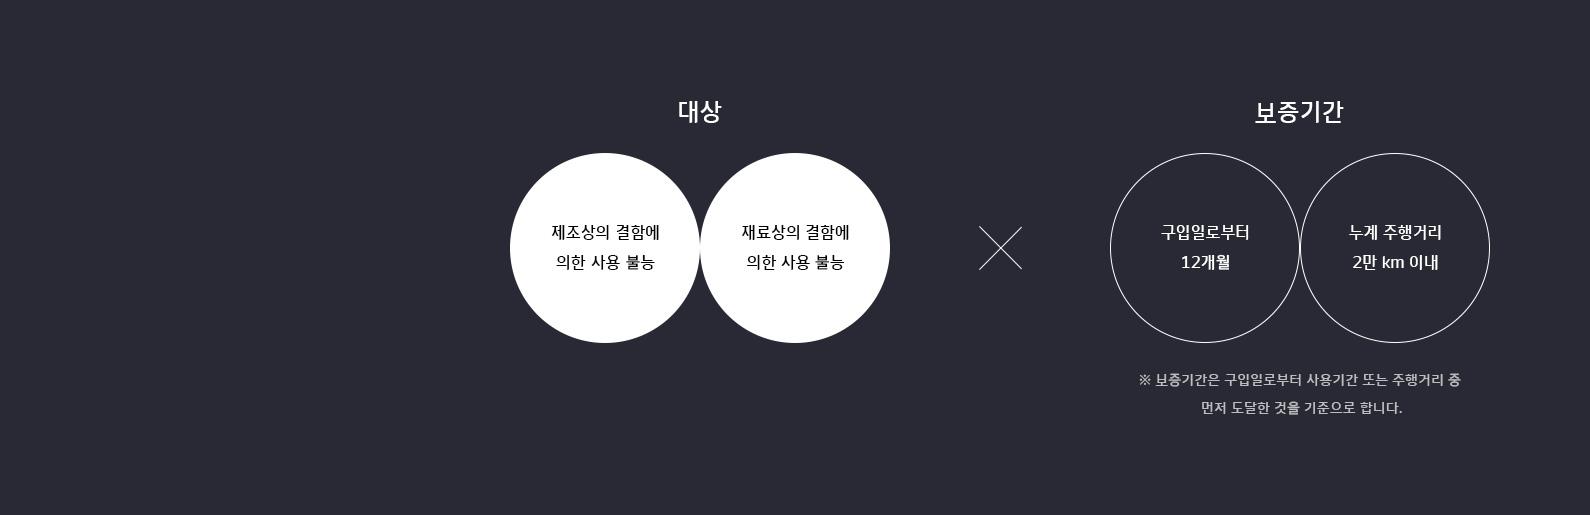 한국아트라스비엑스, Hankook AtlasBX – 배터리 품질 보증, 대상 제조 혹은 재료상의 결함에 의한 사용 불능, 보증기간 구입일로부터 12개월, 누계 주행거리 2만 km 이내